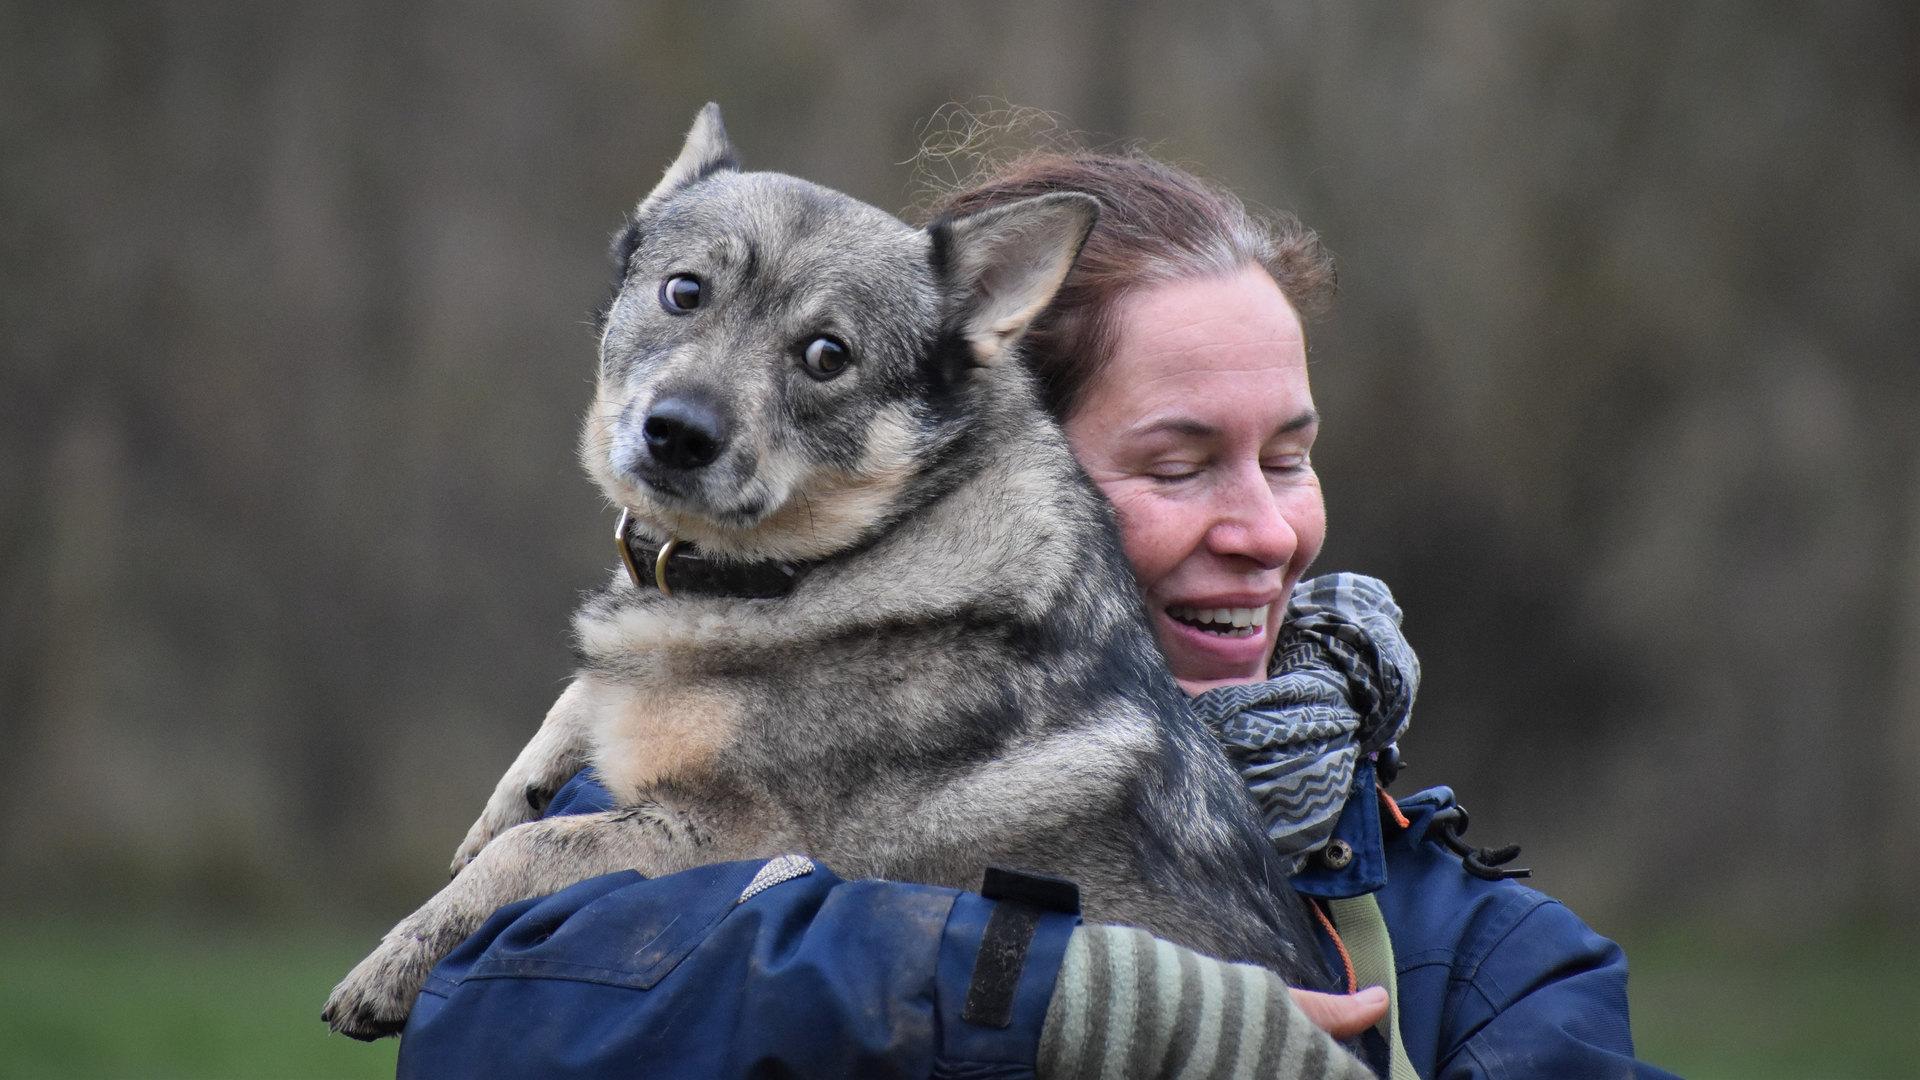 professionel hundelufter